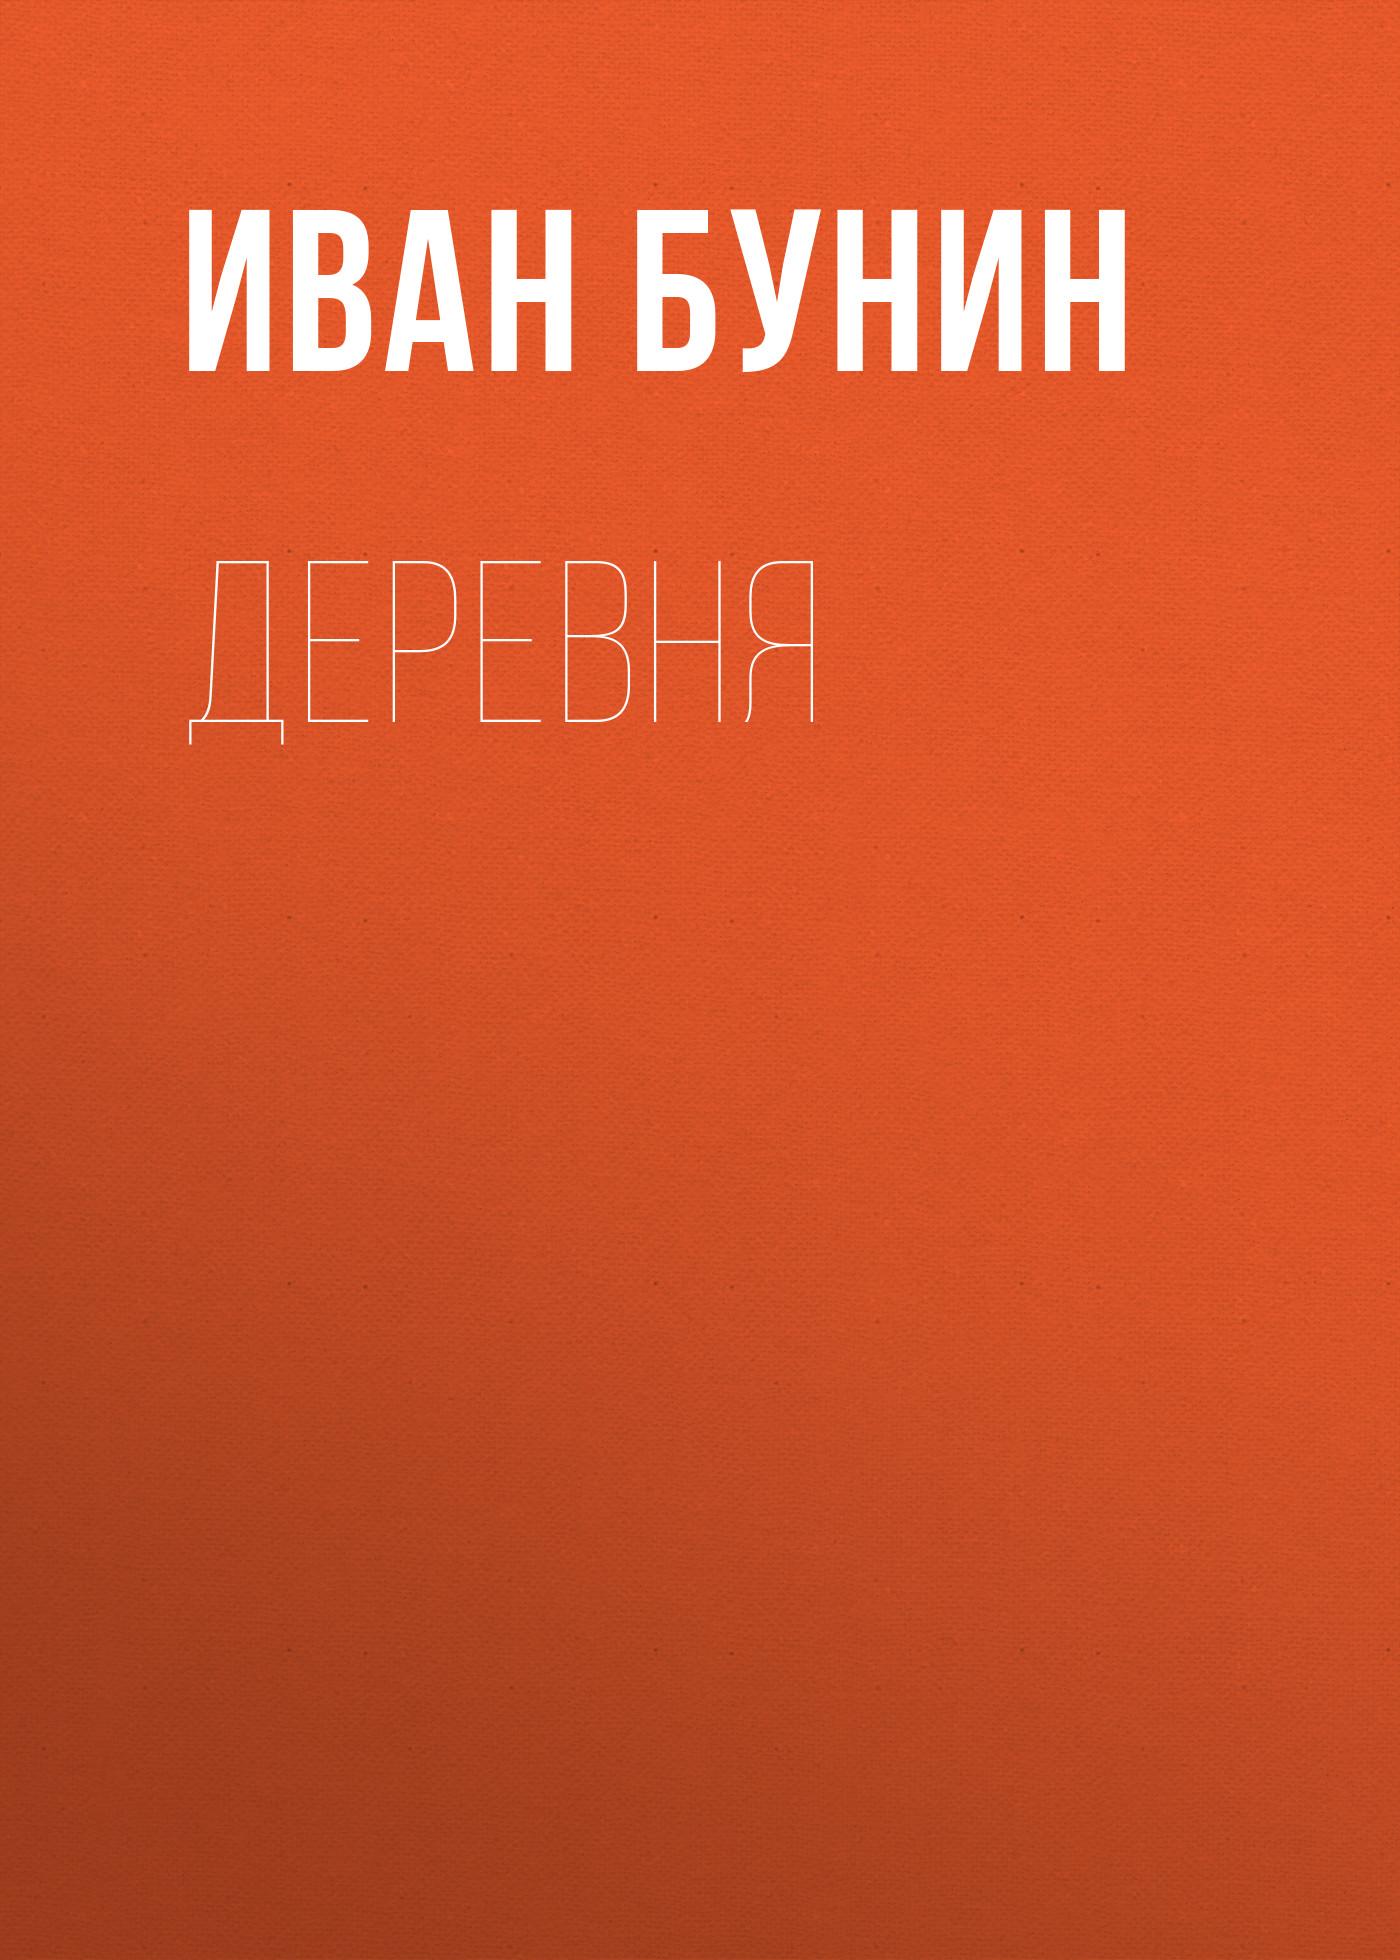 Иван Бунин Деревня аудиокнига деревня бунин слушать онлайн